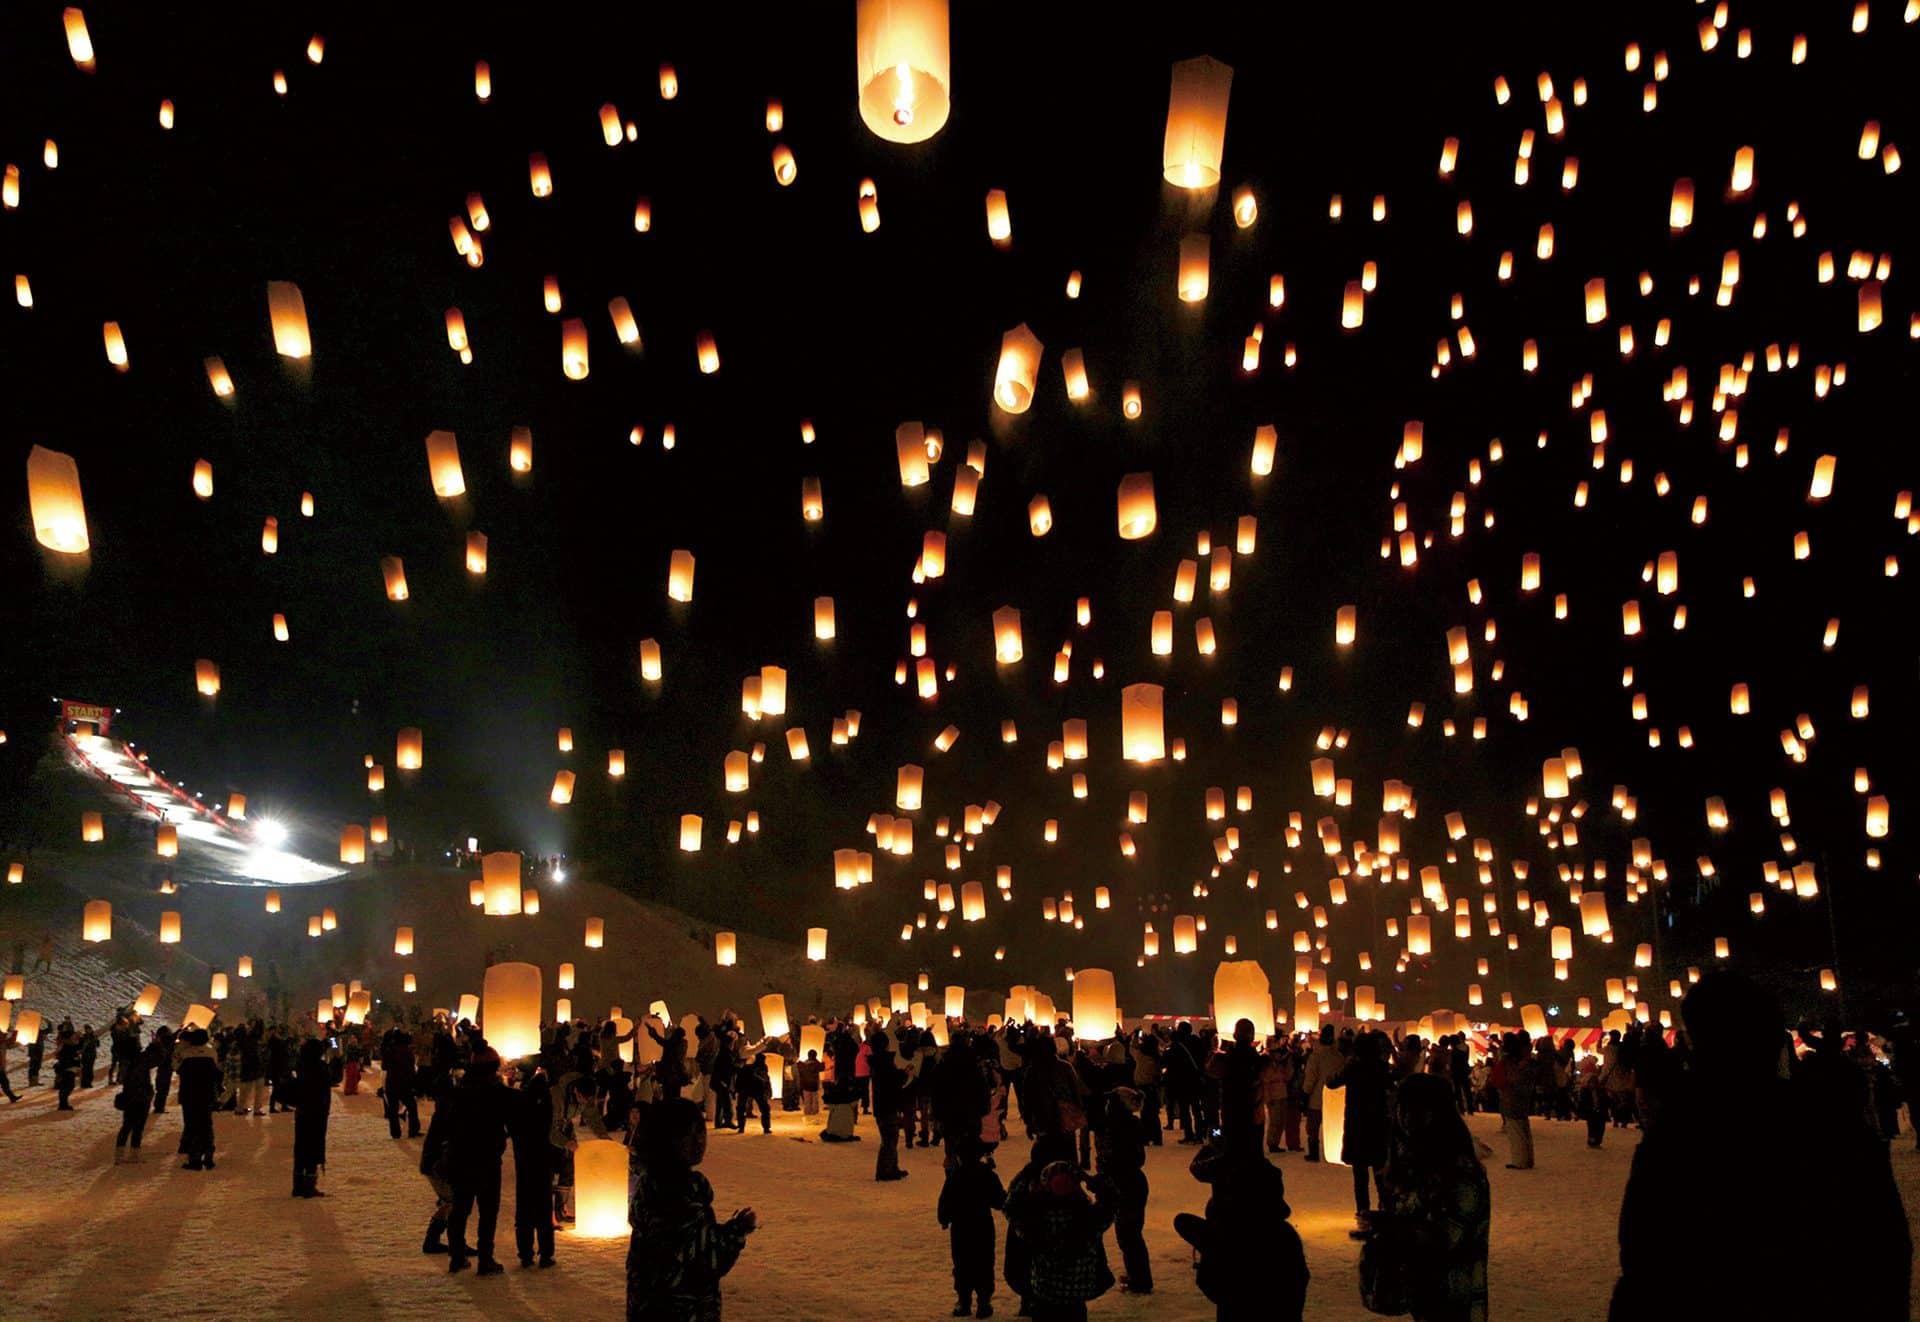 เทศกาลปล่อยโคม ญี่ปุ่น 2020 - เทศกาลหิมะซึนัน (Tsunan Snow Festival)